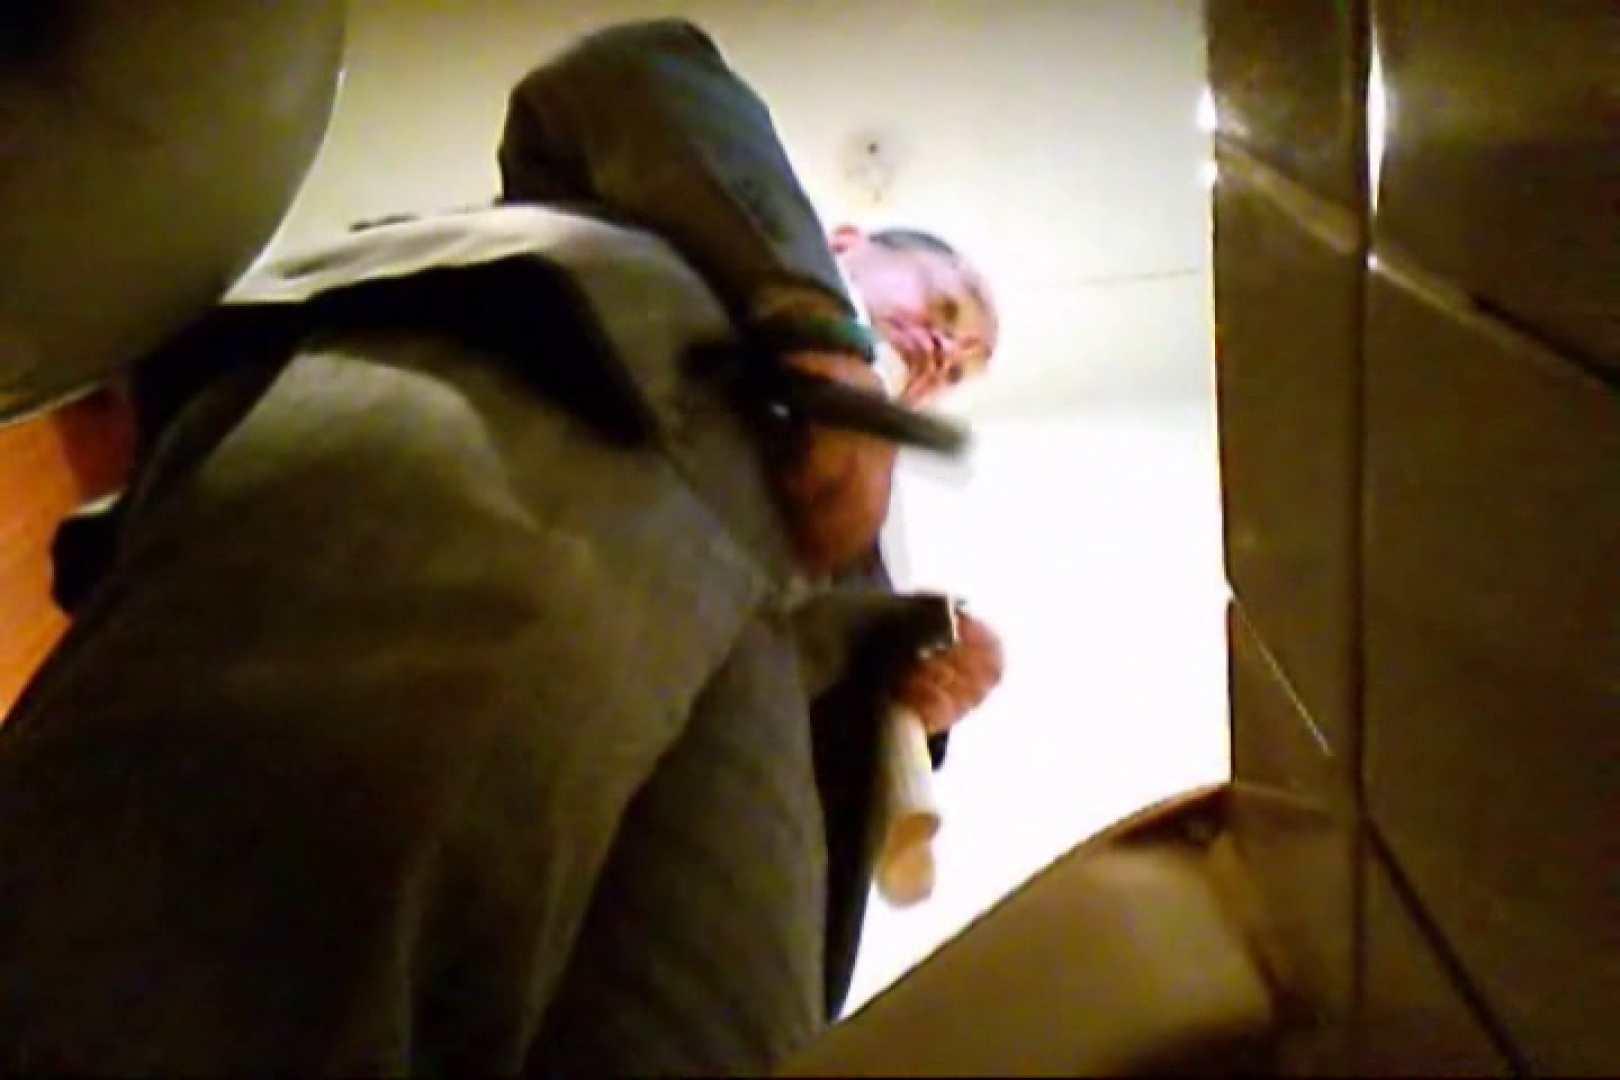 Gボーイ初投稿!掴み取りさんの洗面所覗き!in新幹線!VOL.16 完全無修正でお届け | おやじ熊系ボーイズ  77pic 1